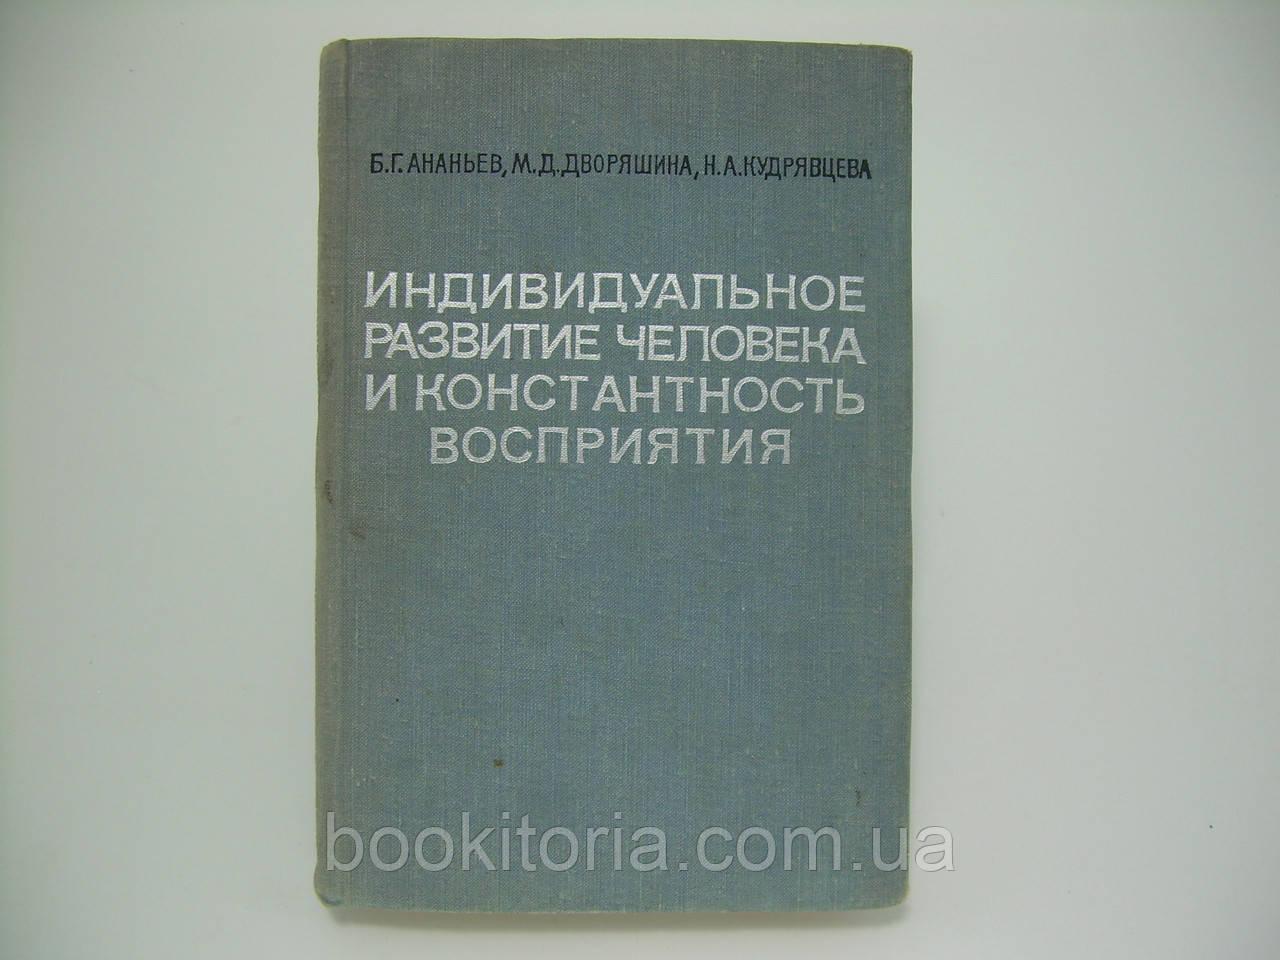 Ананьев Б.Г. и др. Индивидуальное развитие человека и константность восприятия (б/у).